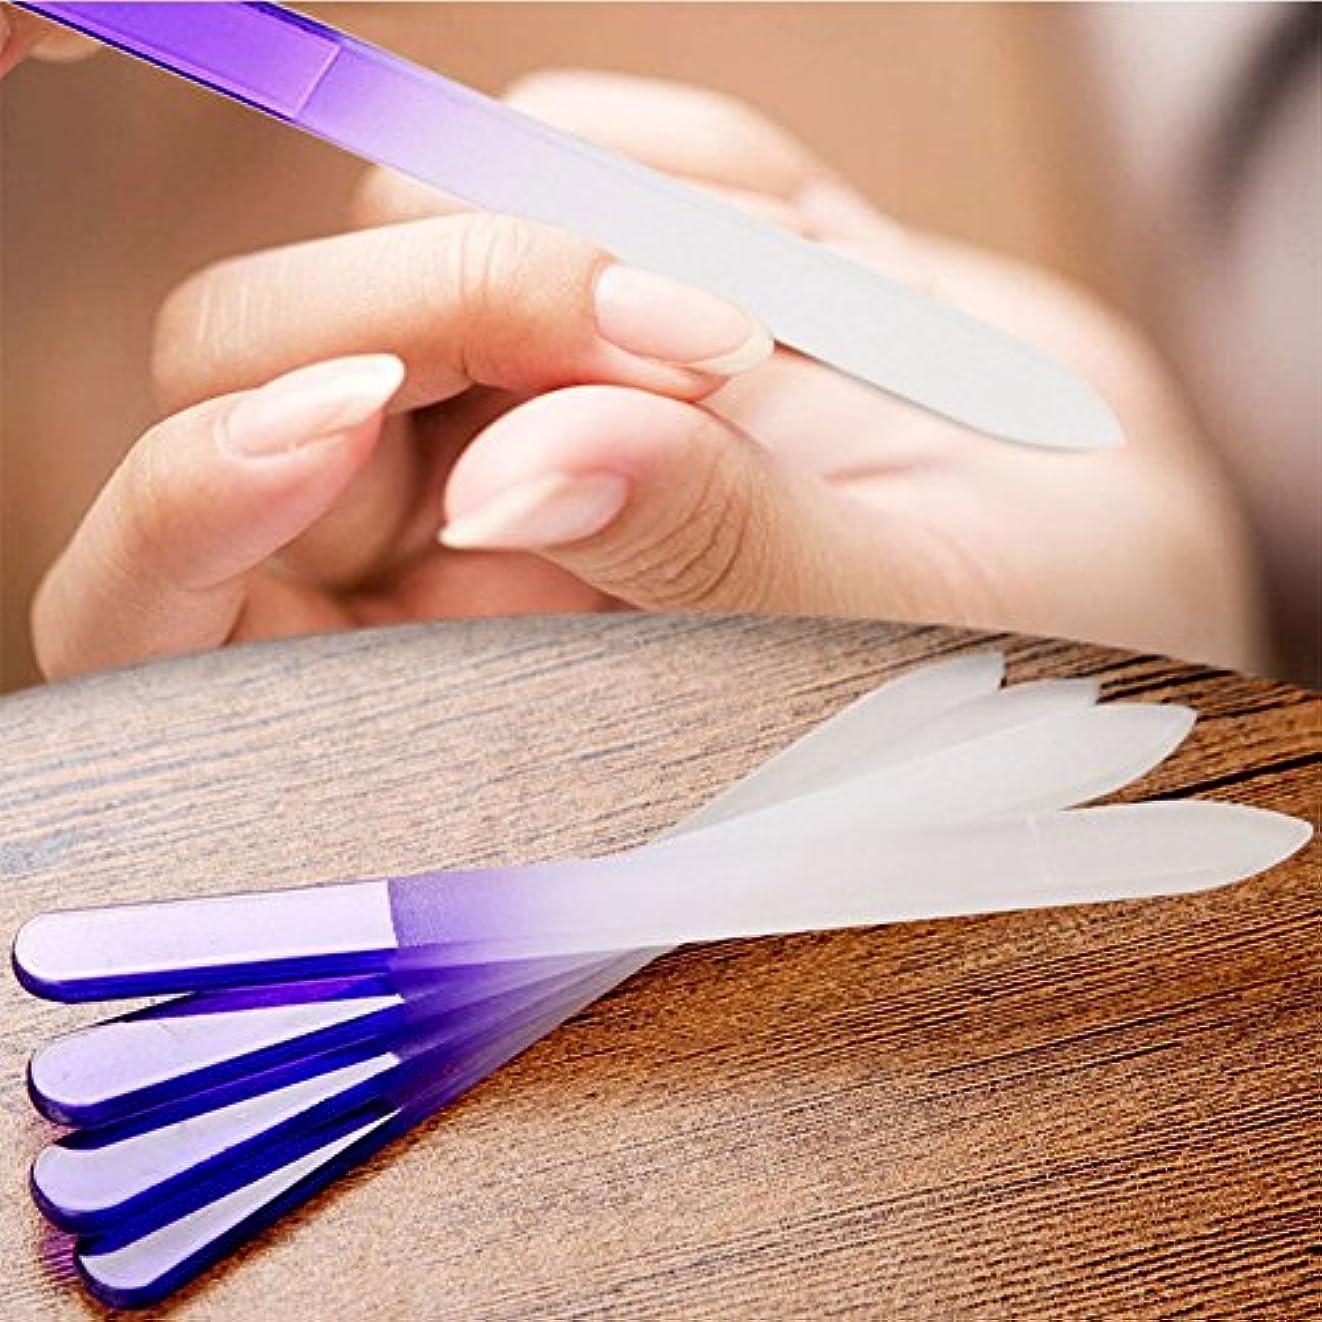 幻想的蘇生する夏Liebeye マニキュア ネイル ファイル クリスタル ガラス ファイルバッファー 装置研磨 ネイル アート 装飾 ツール 4本